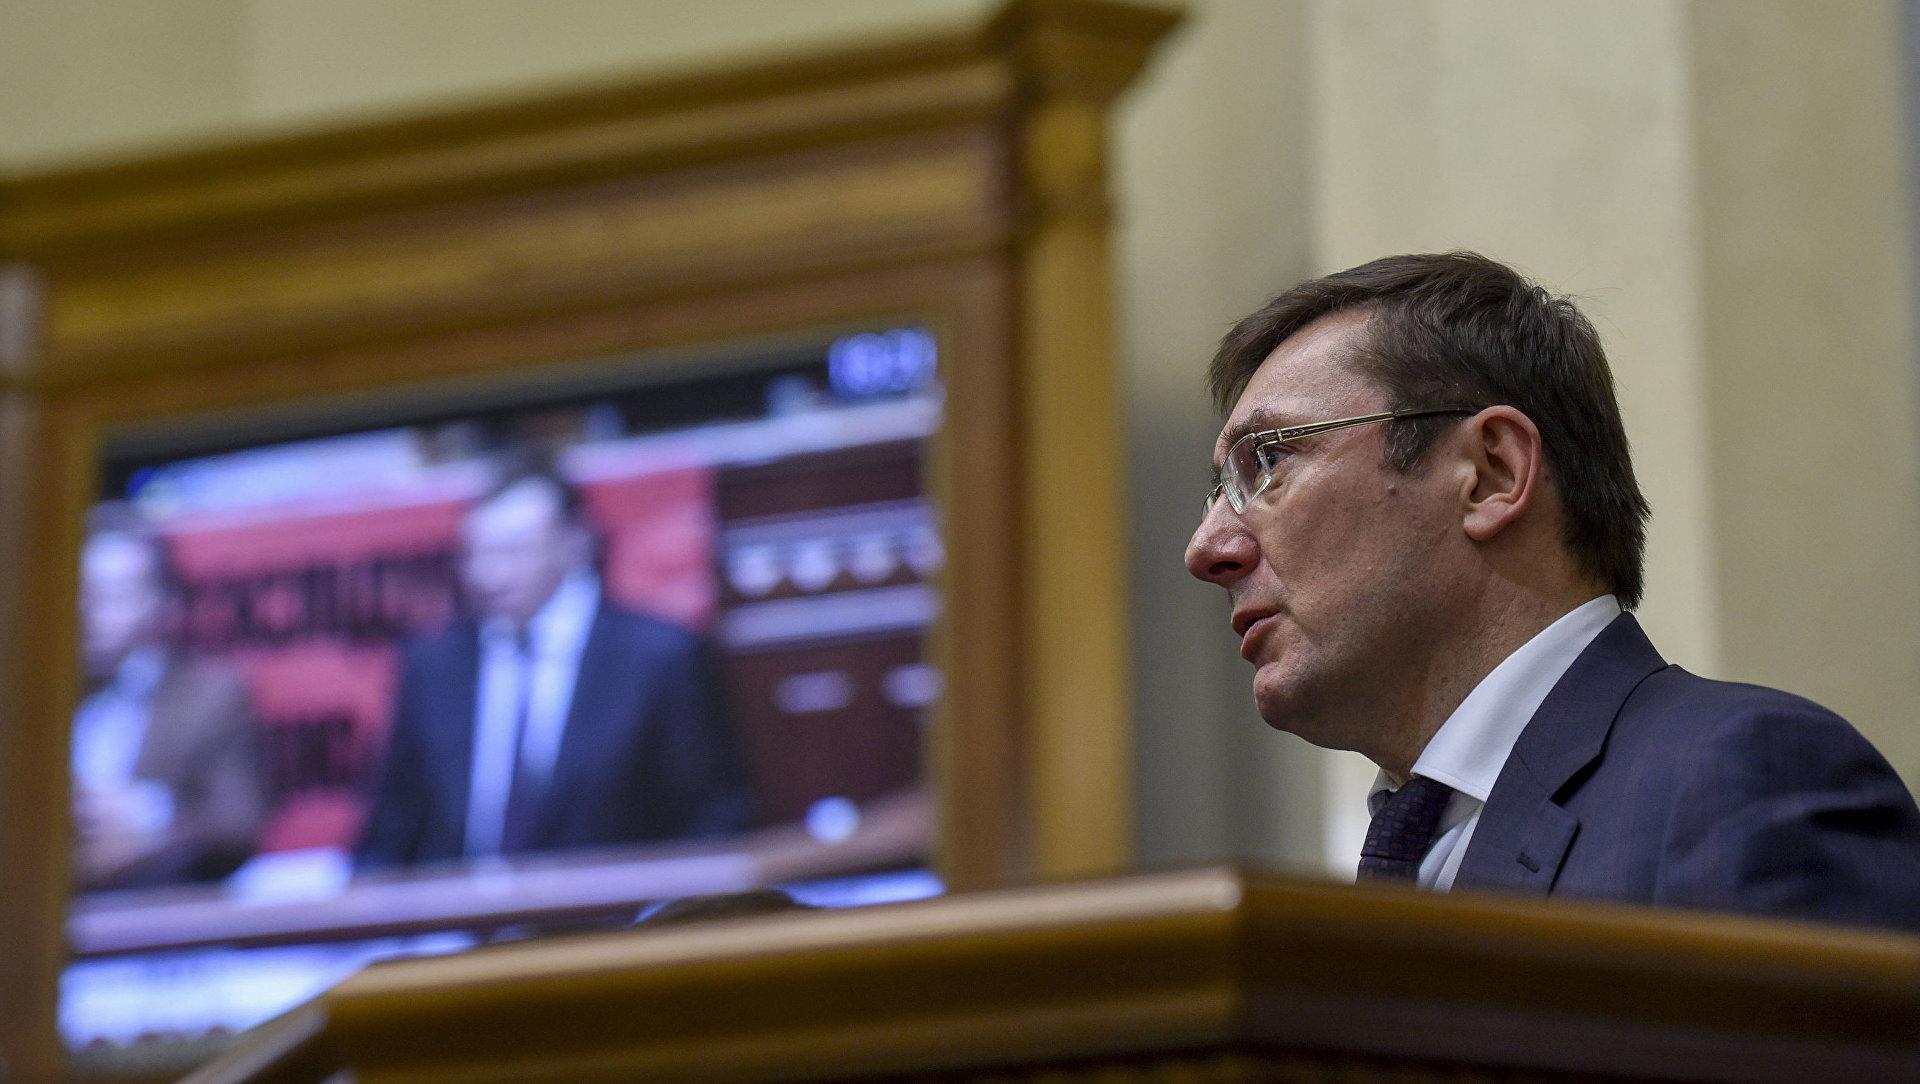 http://ukraina.ru/images/101648/85/1016488538.jpg